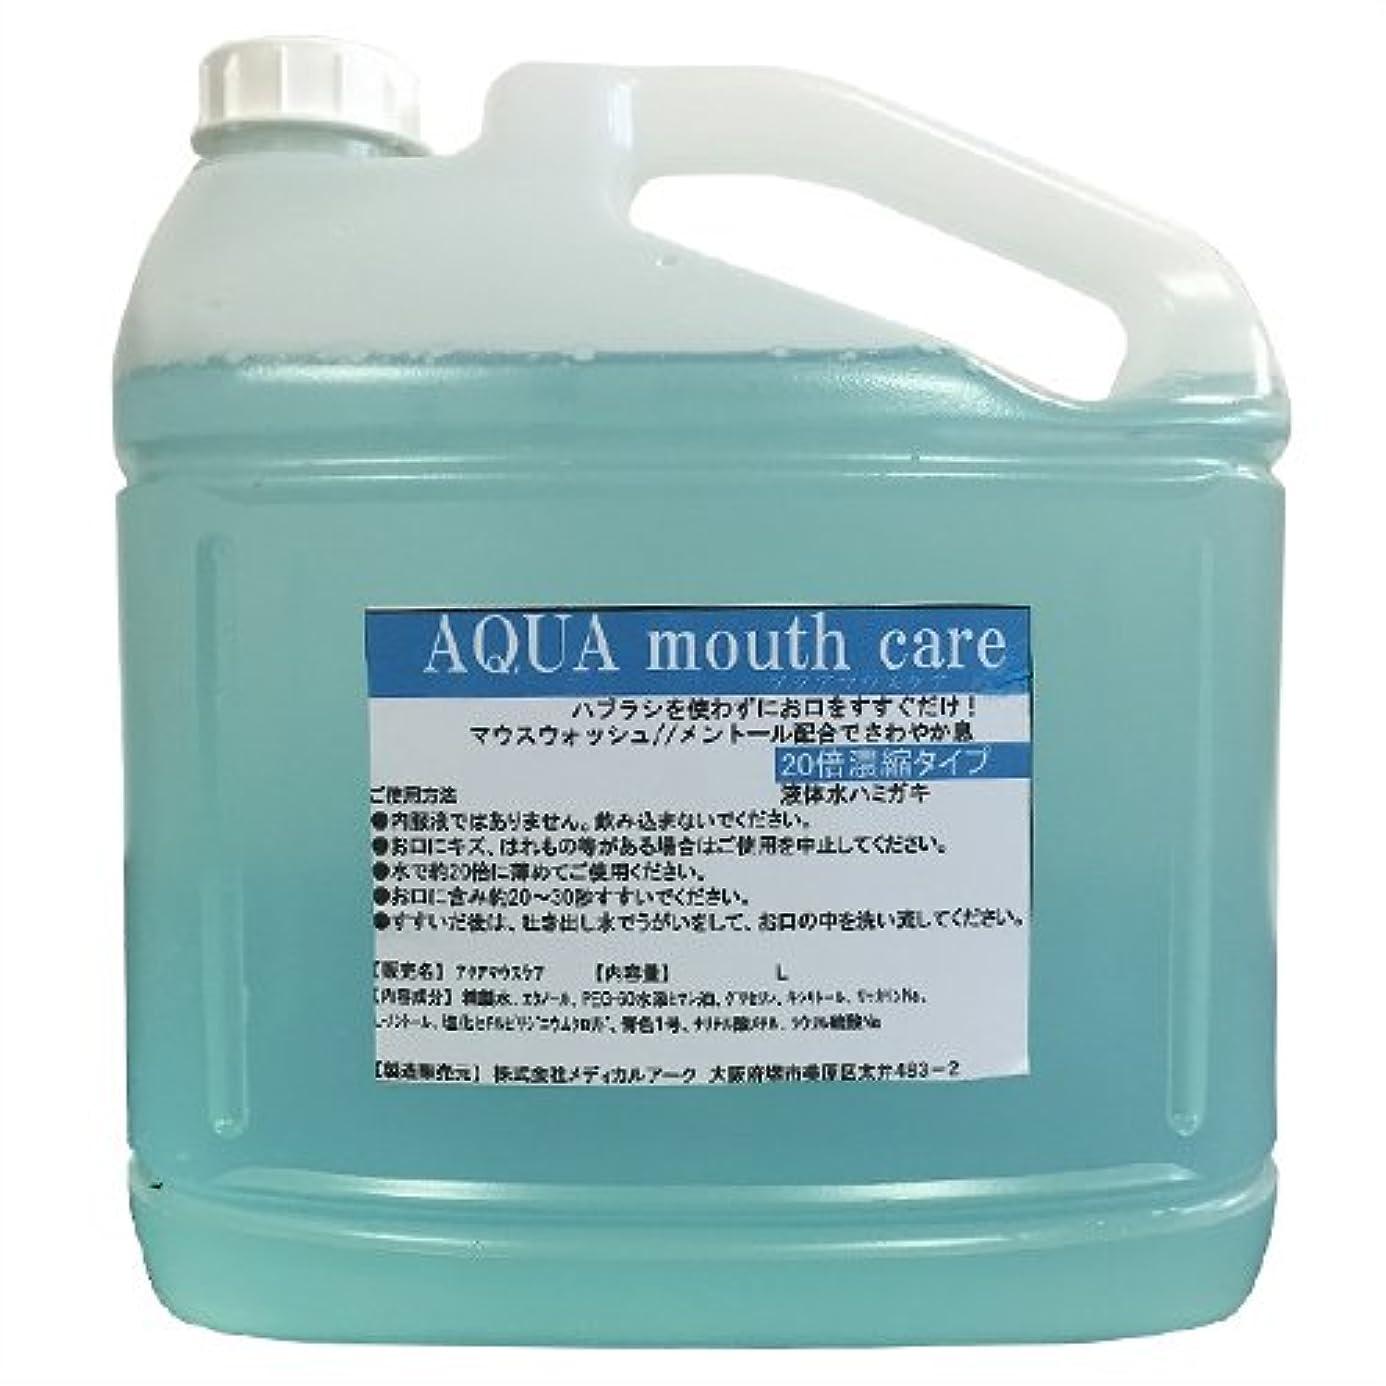 嵐が丘討論学期業務用洗口液 マウスウォッシュ アクアマウスケア (AQUA mouth care) 20倍濃縮タイプ 5L (詰め替えコック付き)